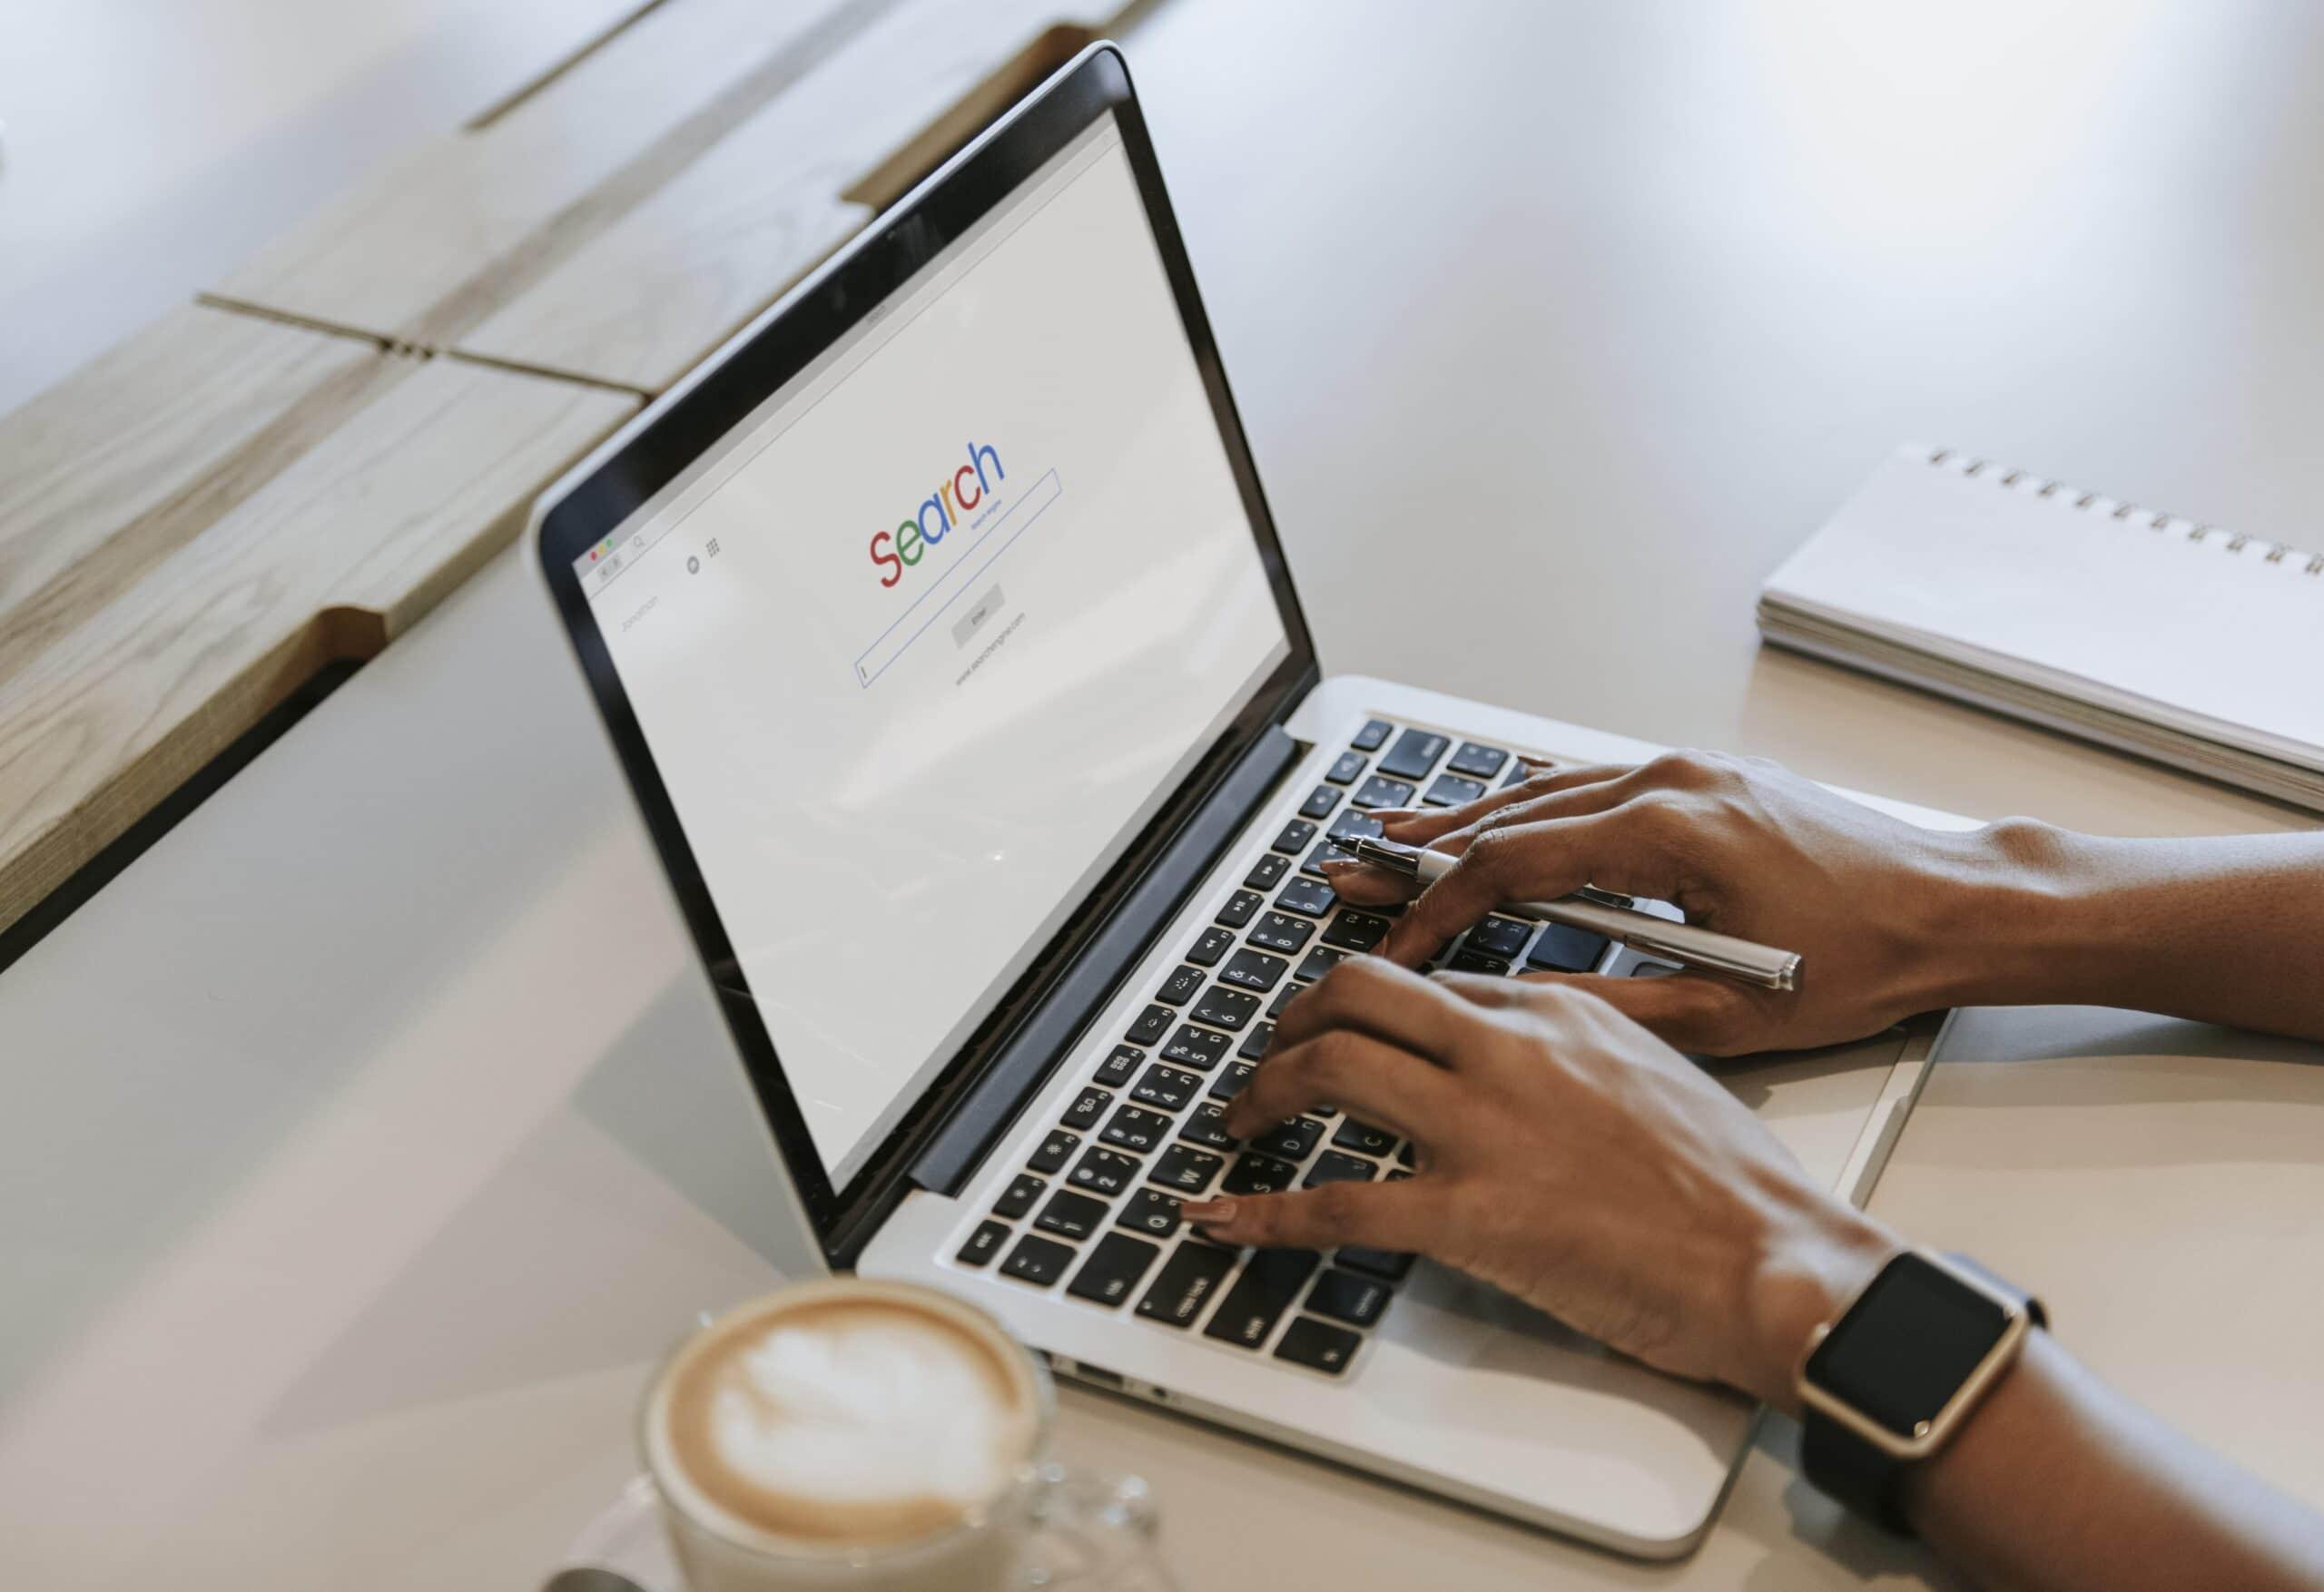 comandos de búsqueda Google